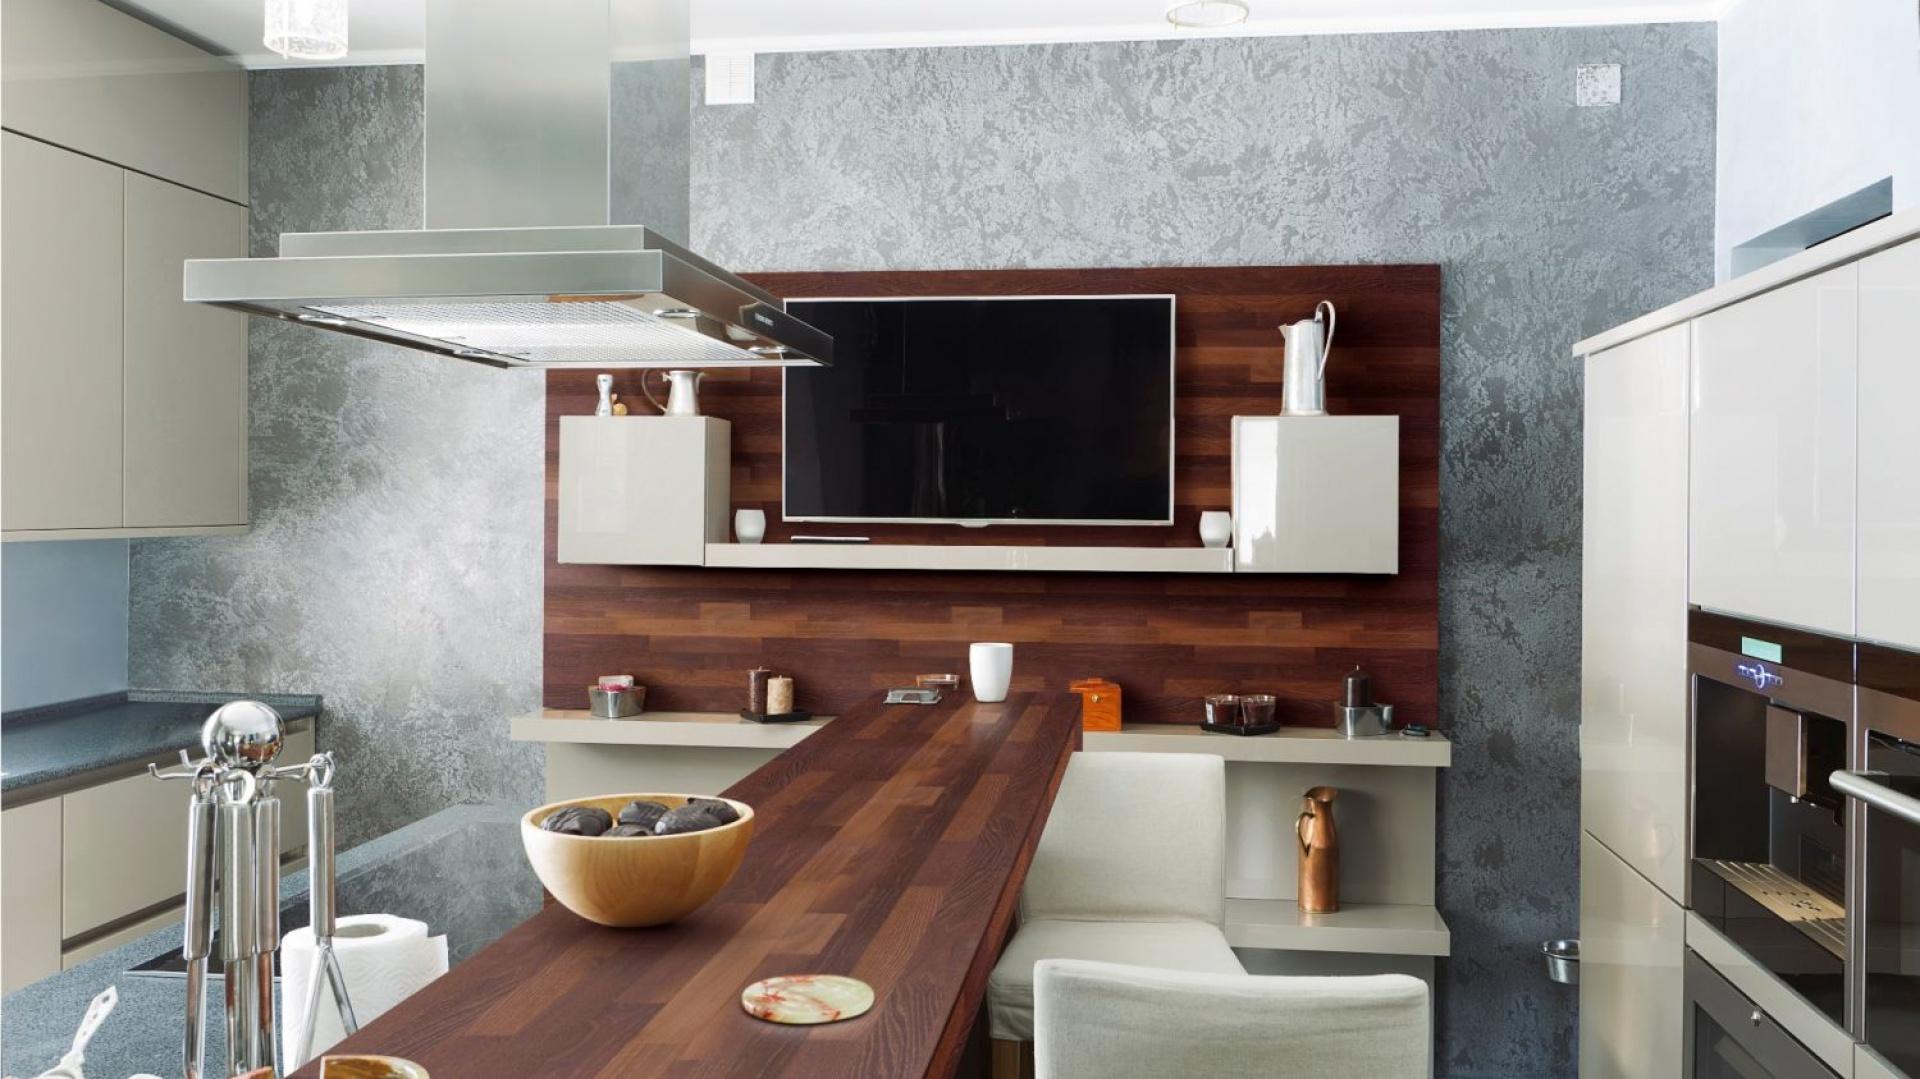 Piękny blat wykonany z naturalnego drewna akacjowego, parzonego i klejonego, aby uzyskać większą trwałość materiału. Głęboka barwa pięknie kontrastuje z jasnymi odcieniami zabudowy kuchennej i ściany w salonie. Fot. DLH.